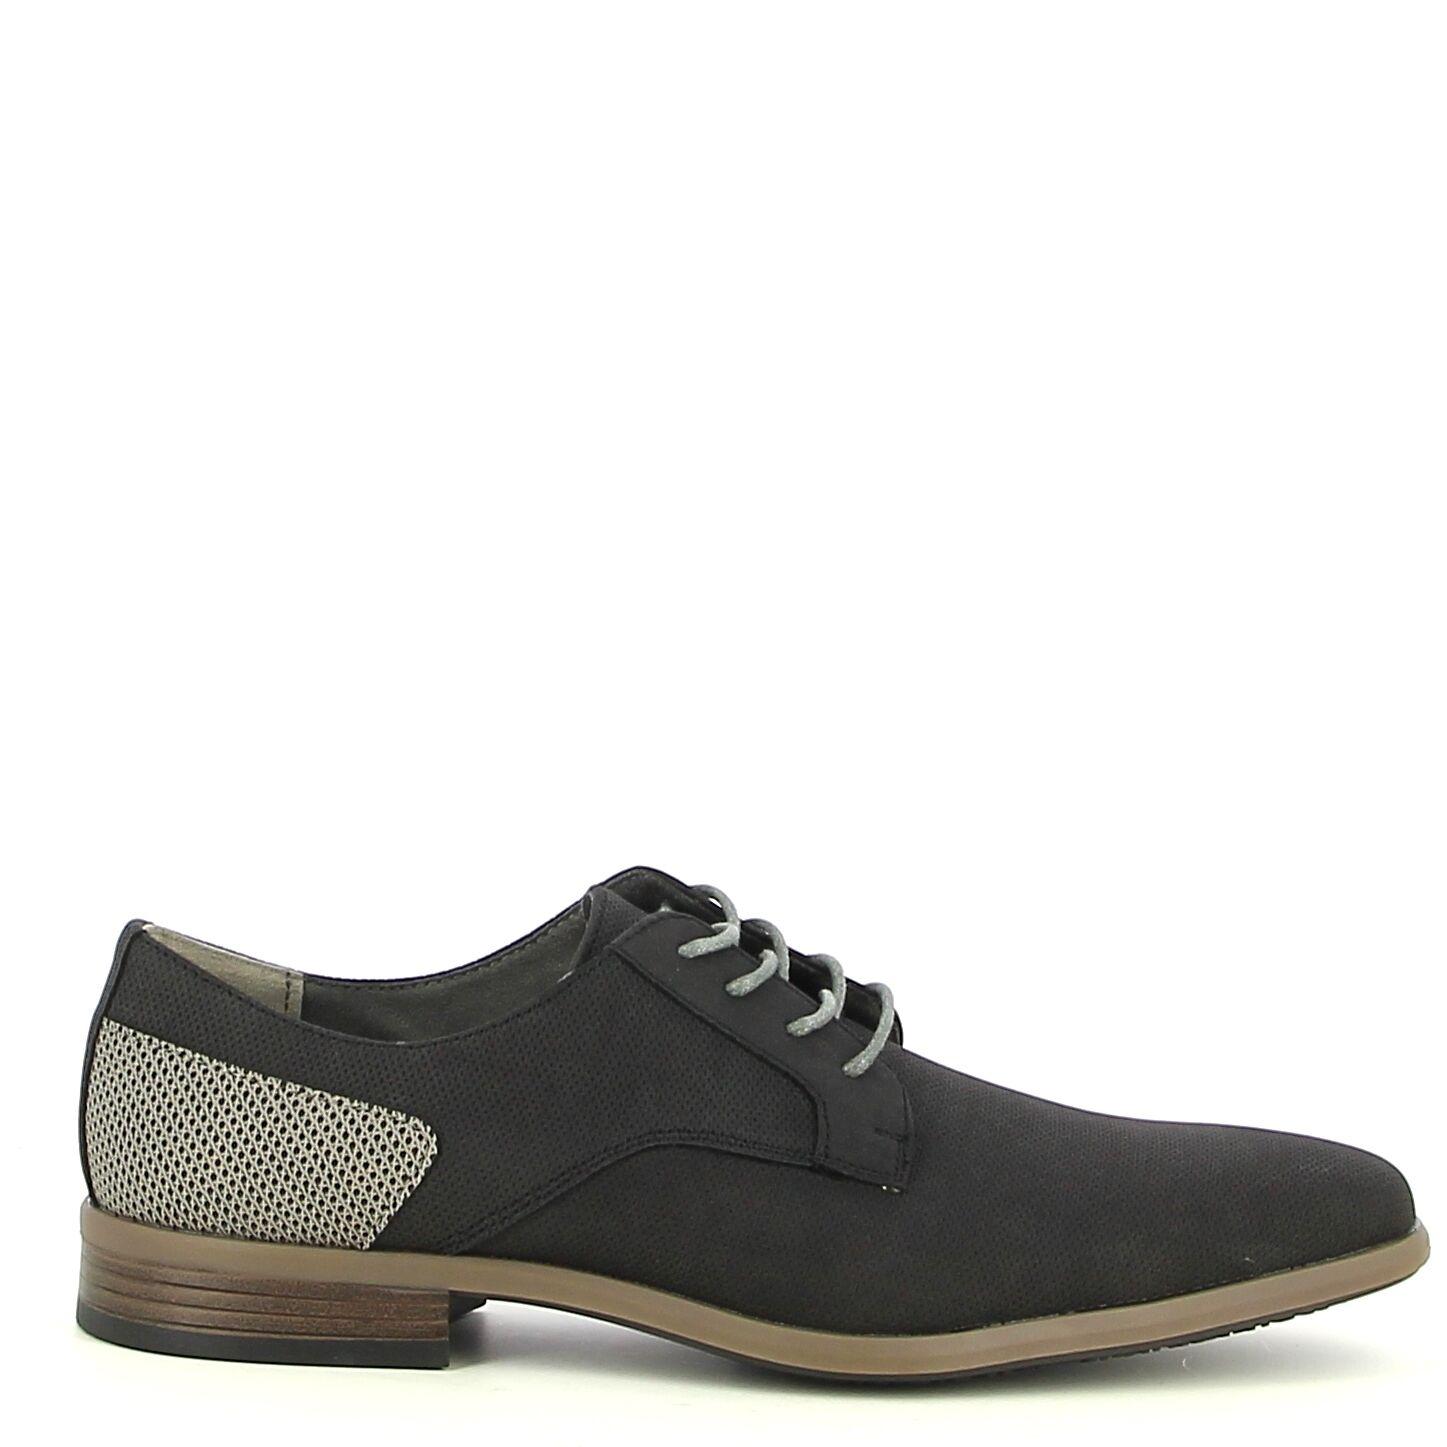 Ken Shoe Fashion - Zwart/Beige - Veterschoenen